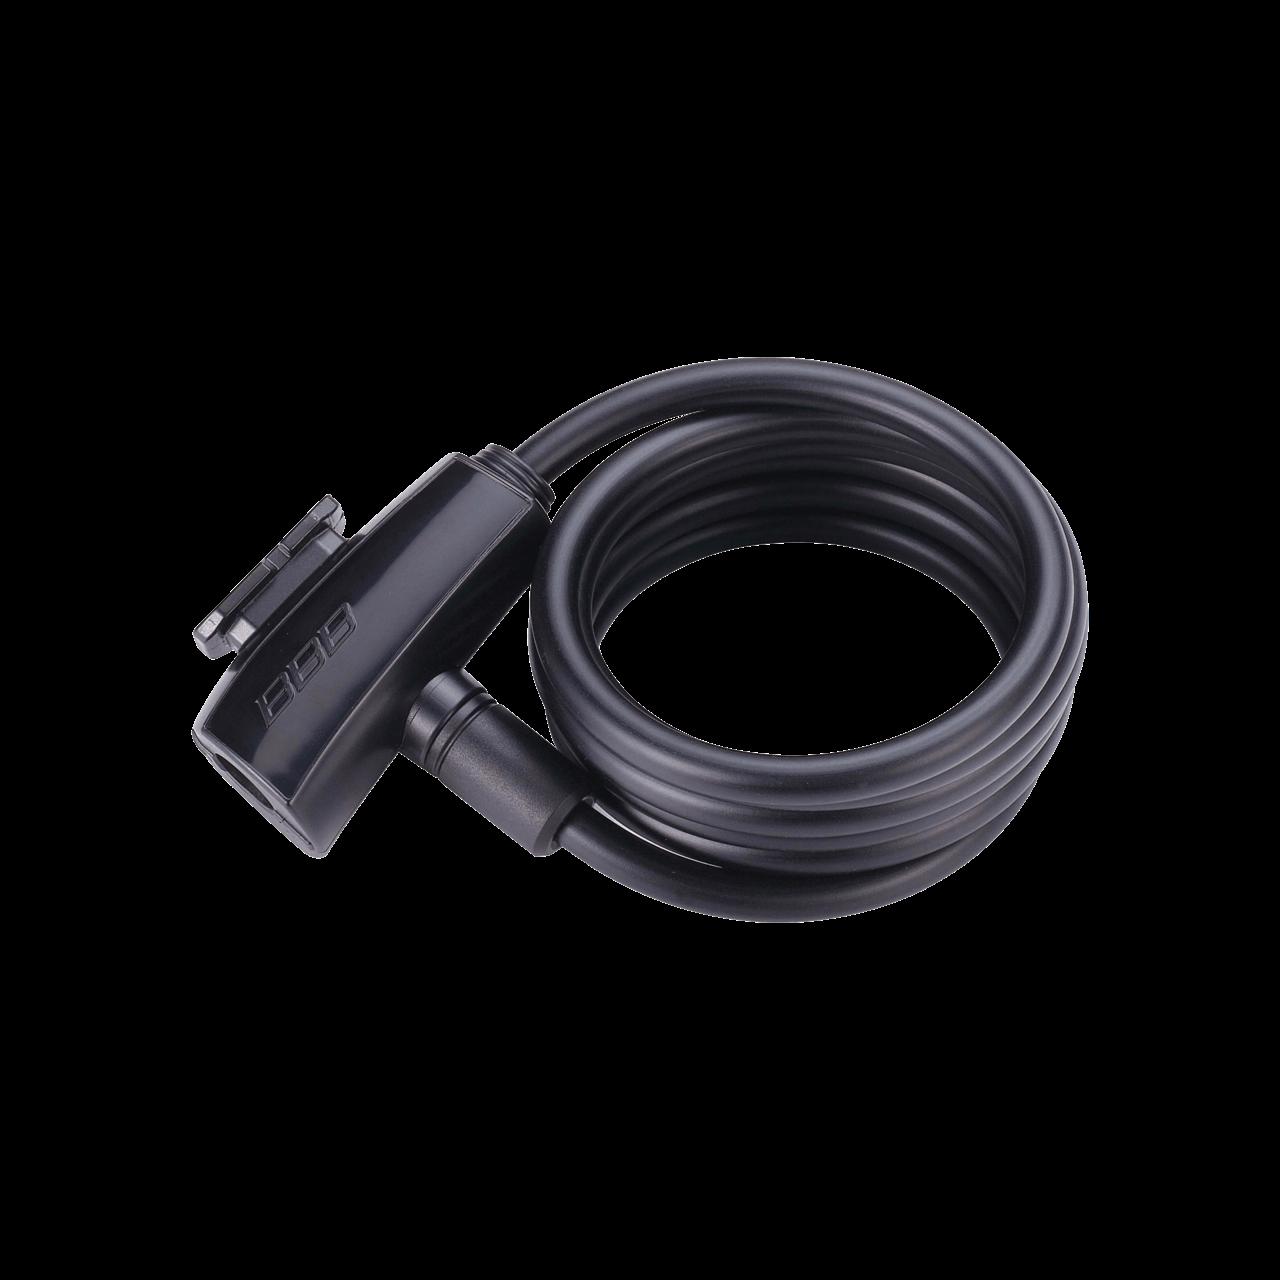 QuickSafe / BBL-61 - Noir, 8mmx150cm